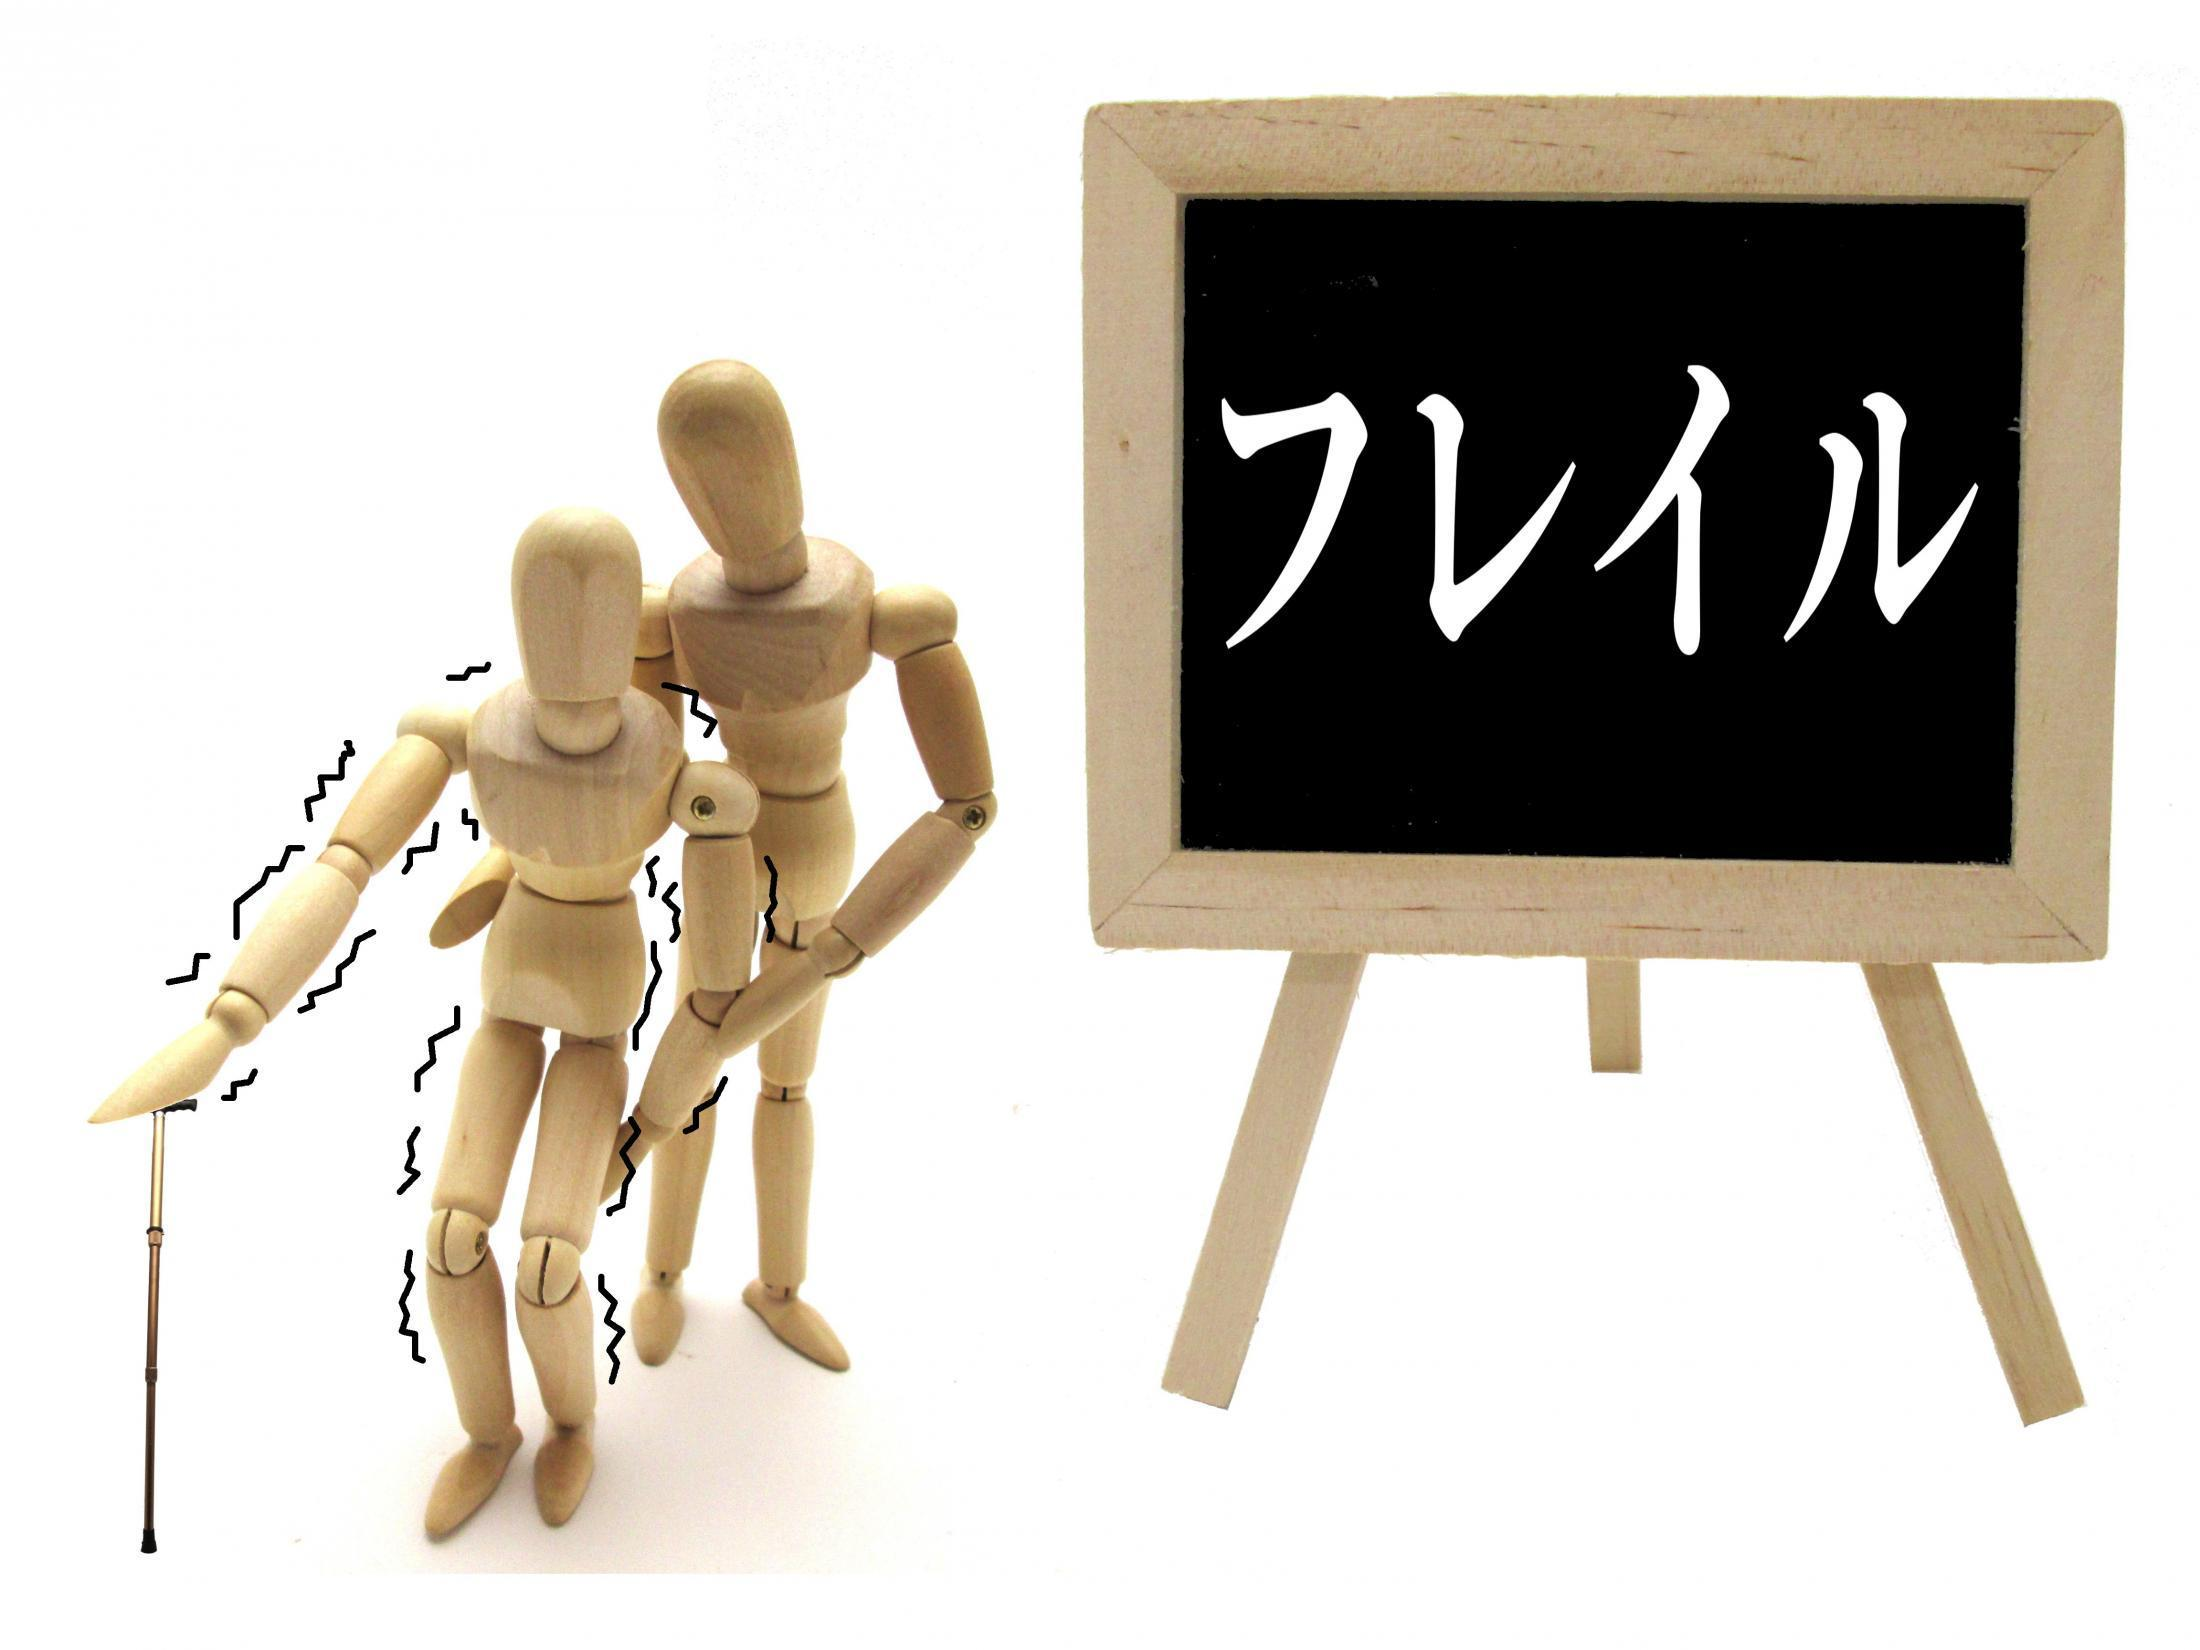 「フレイル」や「サルコペニア」は令和のビジネスパーソンが知っておきたいキーワード(日本食糧新聞) - Yahoo!ニュース